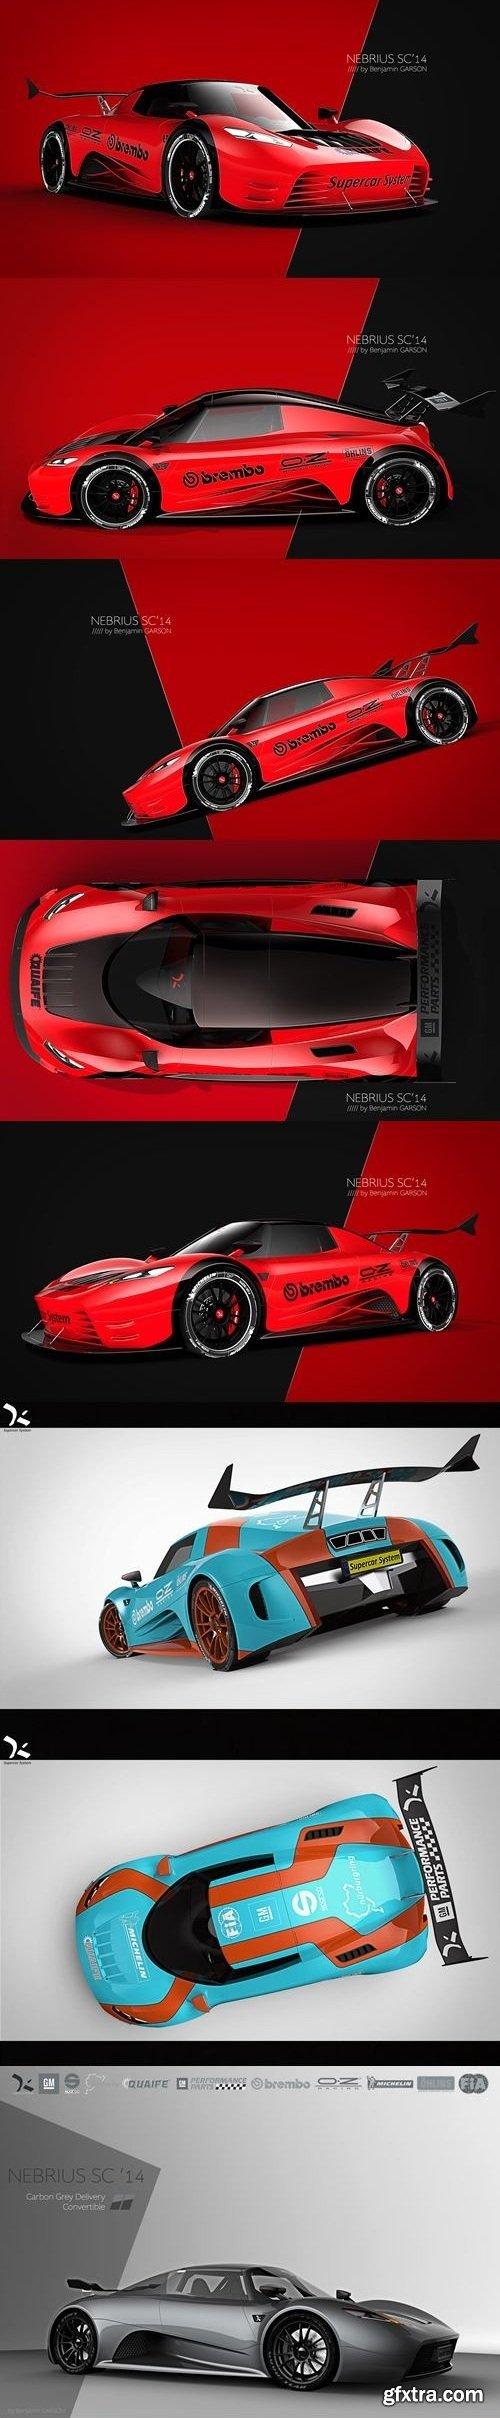 Nerbius 500G Supercar 3D Model